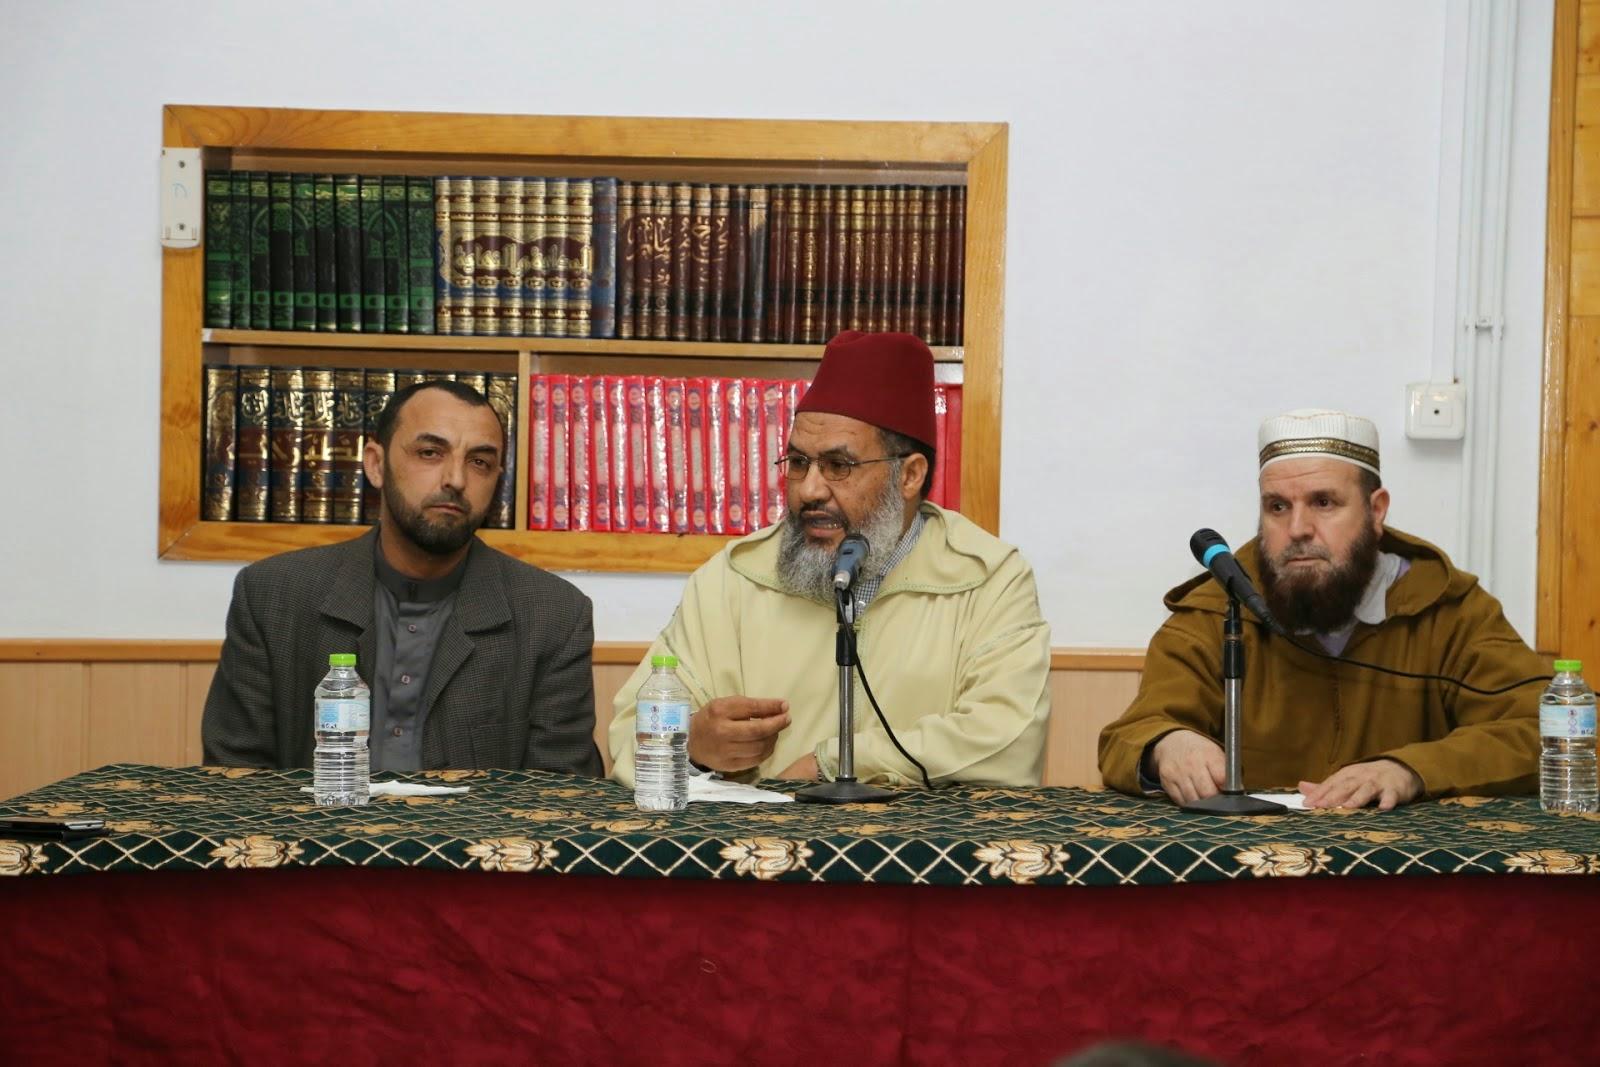 Encuentro abierto con los Musulmanes de Martorell